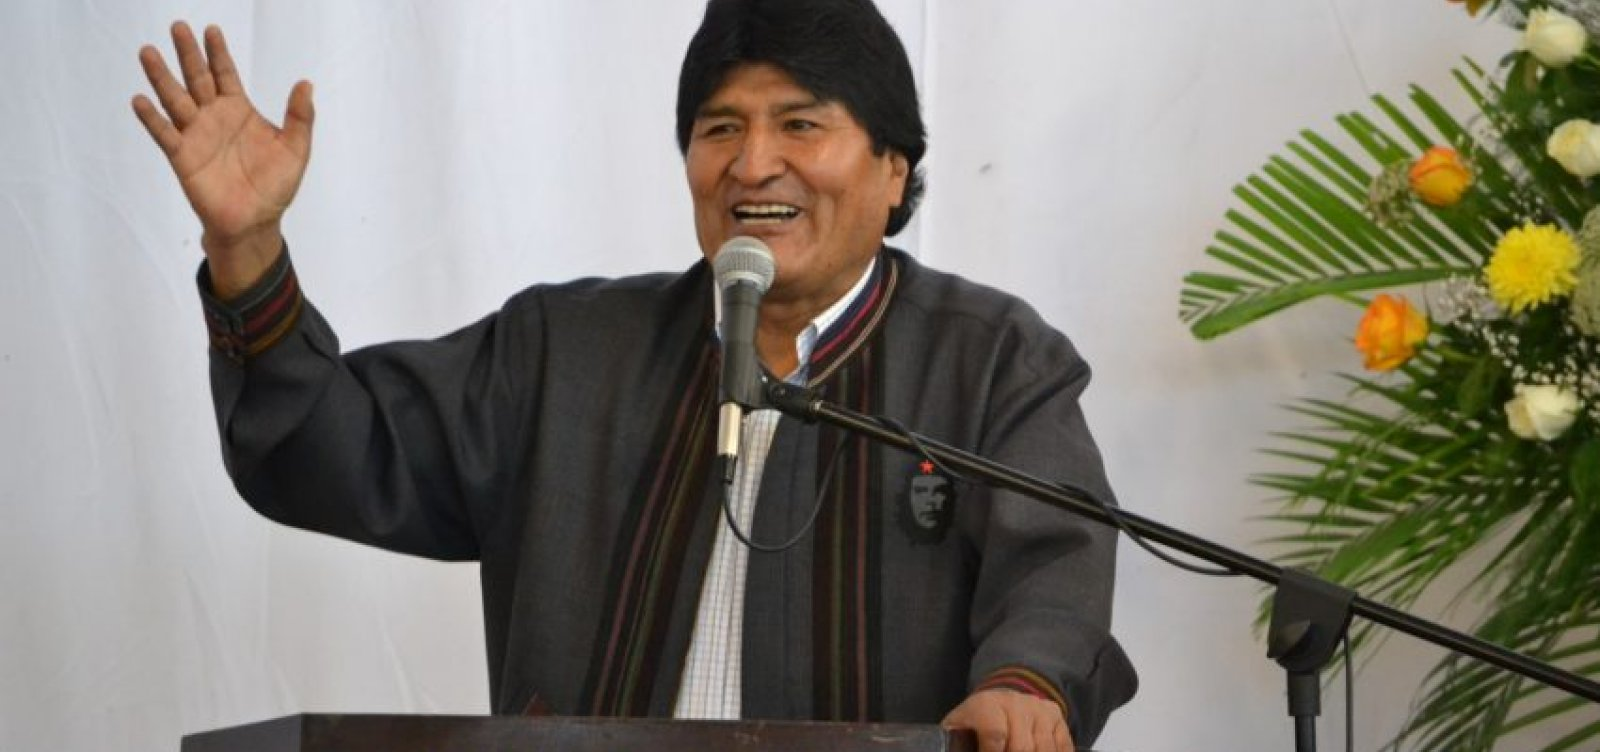 [Evo Morales diz que Bolívia está aberta a ajuda no combate a incêndios e suspende campanha eleitoral]